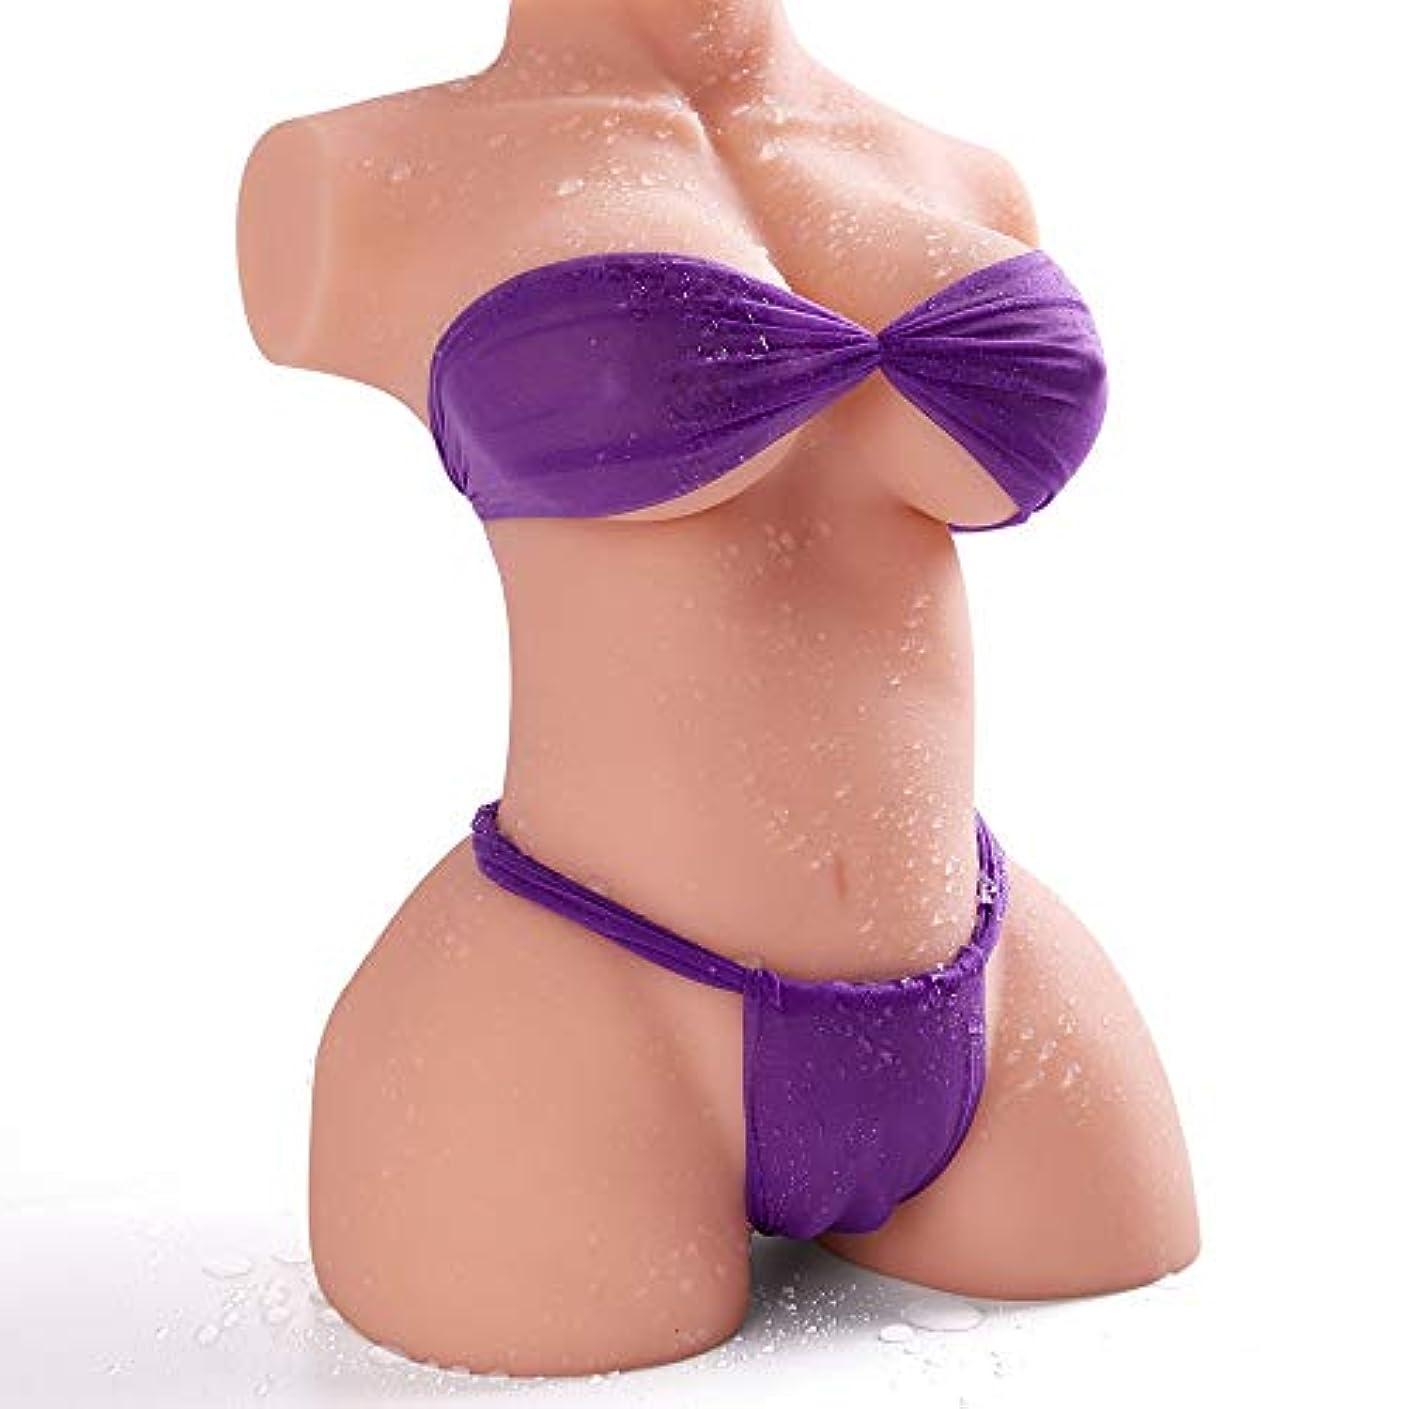 読み書きのできないコインランドリー枯渇男性のフルサイズの大人のおもちゃポケットPûssey-PUSSY現実的な皮膚感&男性のための快適な2つのホール設計のためのリアルなラブDoles,彼への最高の贈り物